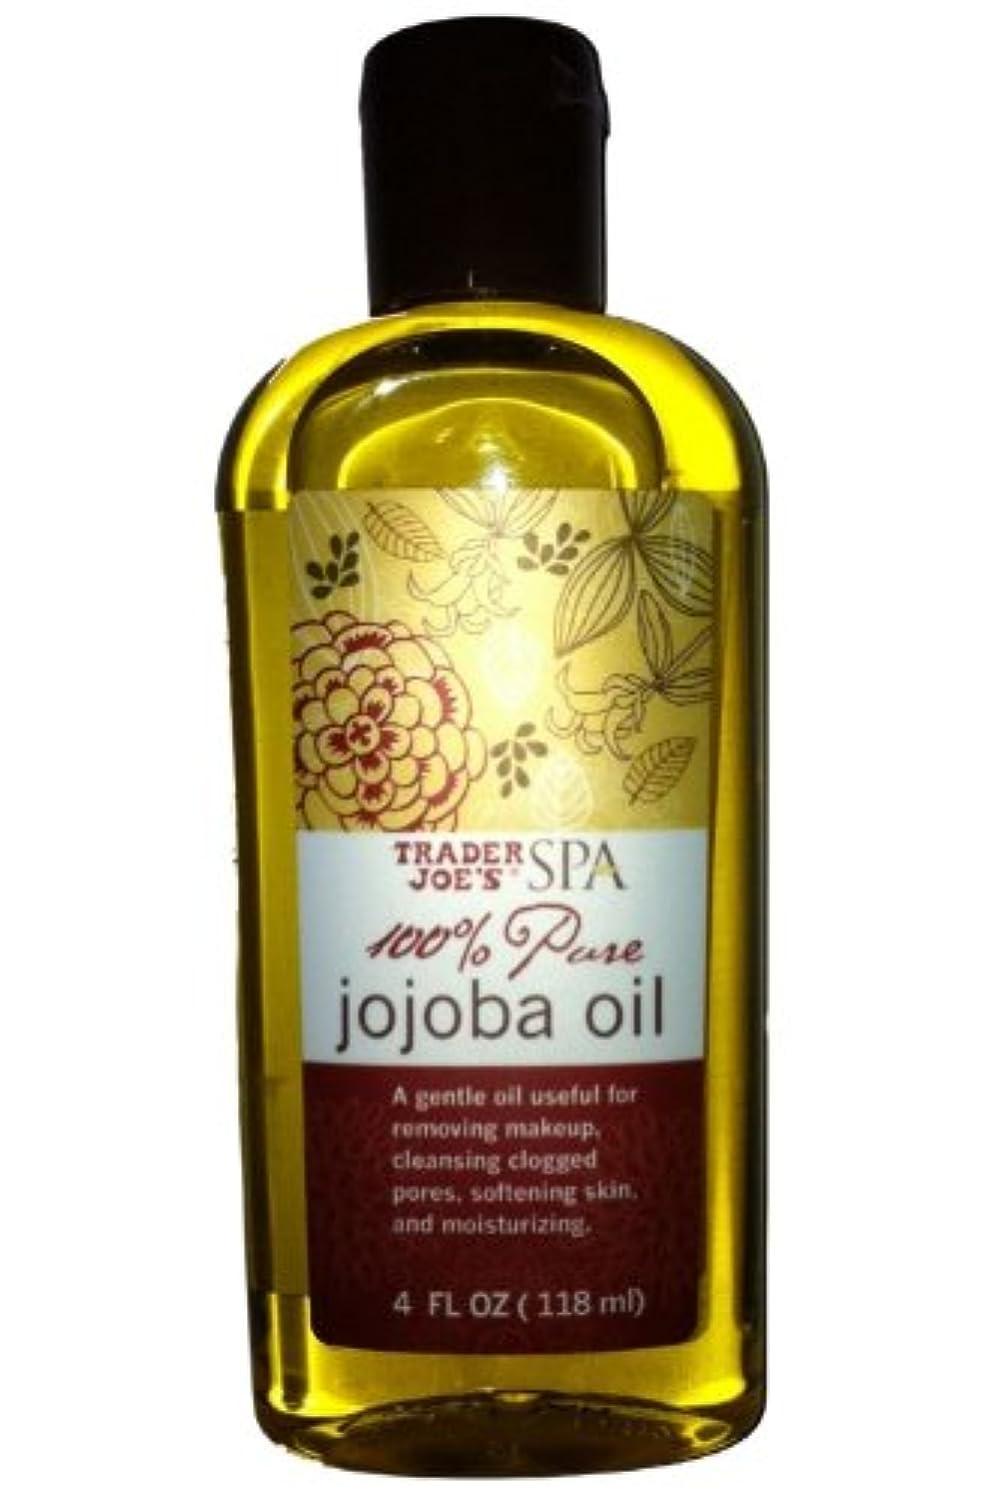 弱まる管理こねるトレーダージョーズ 100%ピュア ホホバオイル[並行輸入品] Trader Joe's SPA 100% Pure Jojoba Oil (4FL OZ/118ml)